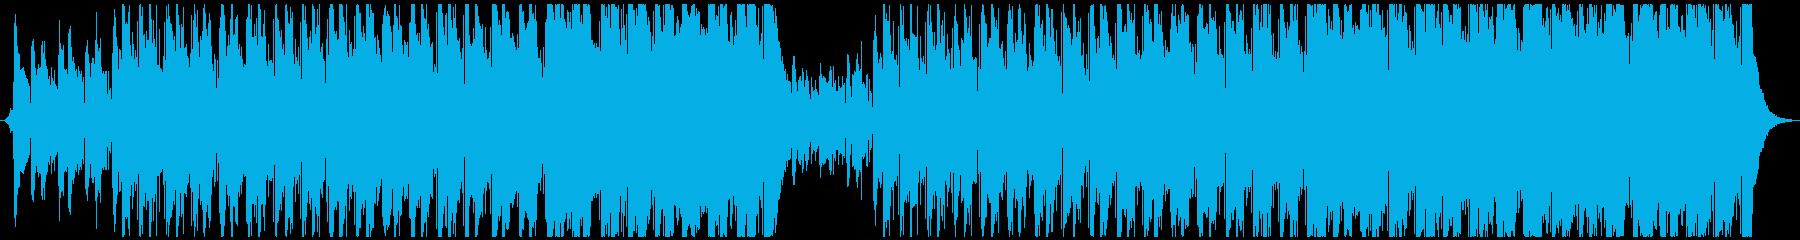 幻想的で切ないEDM チルアウトの再生済みの波形